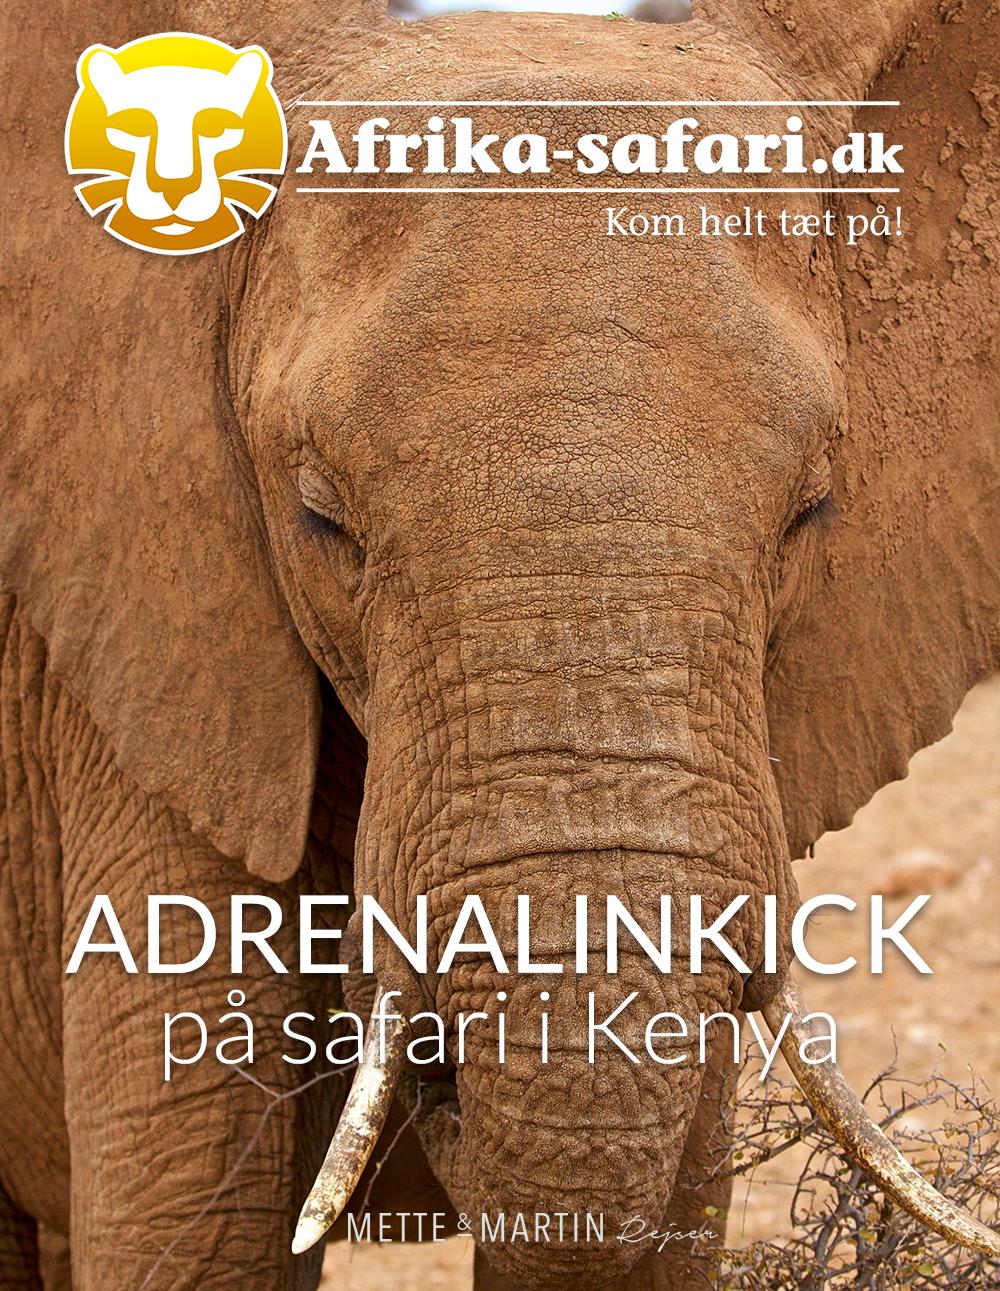 Kenya rejseartikel